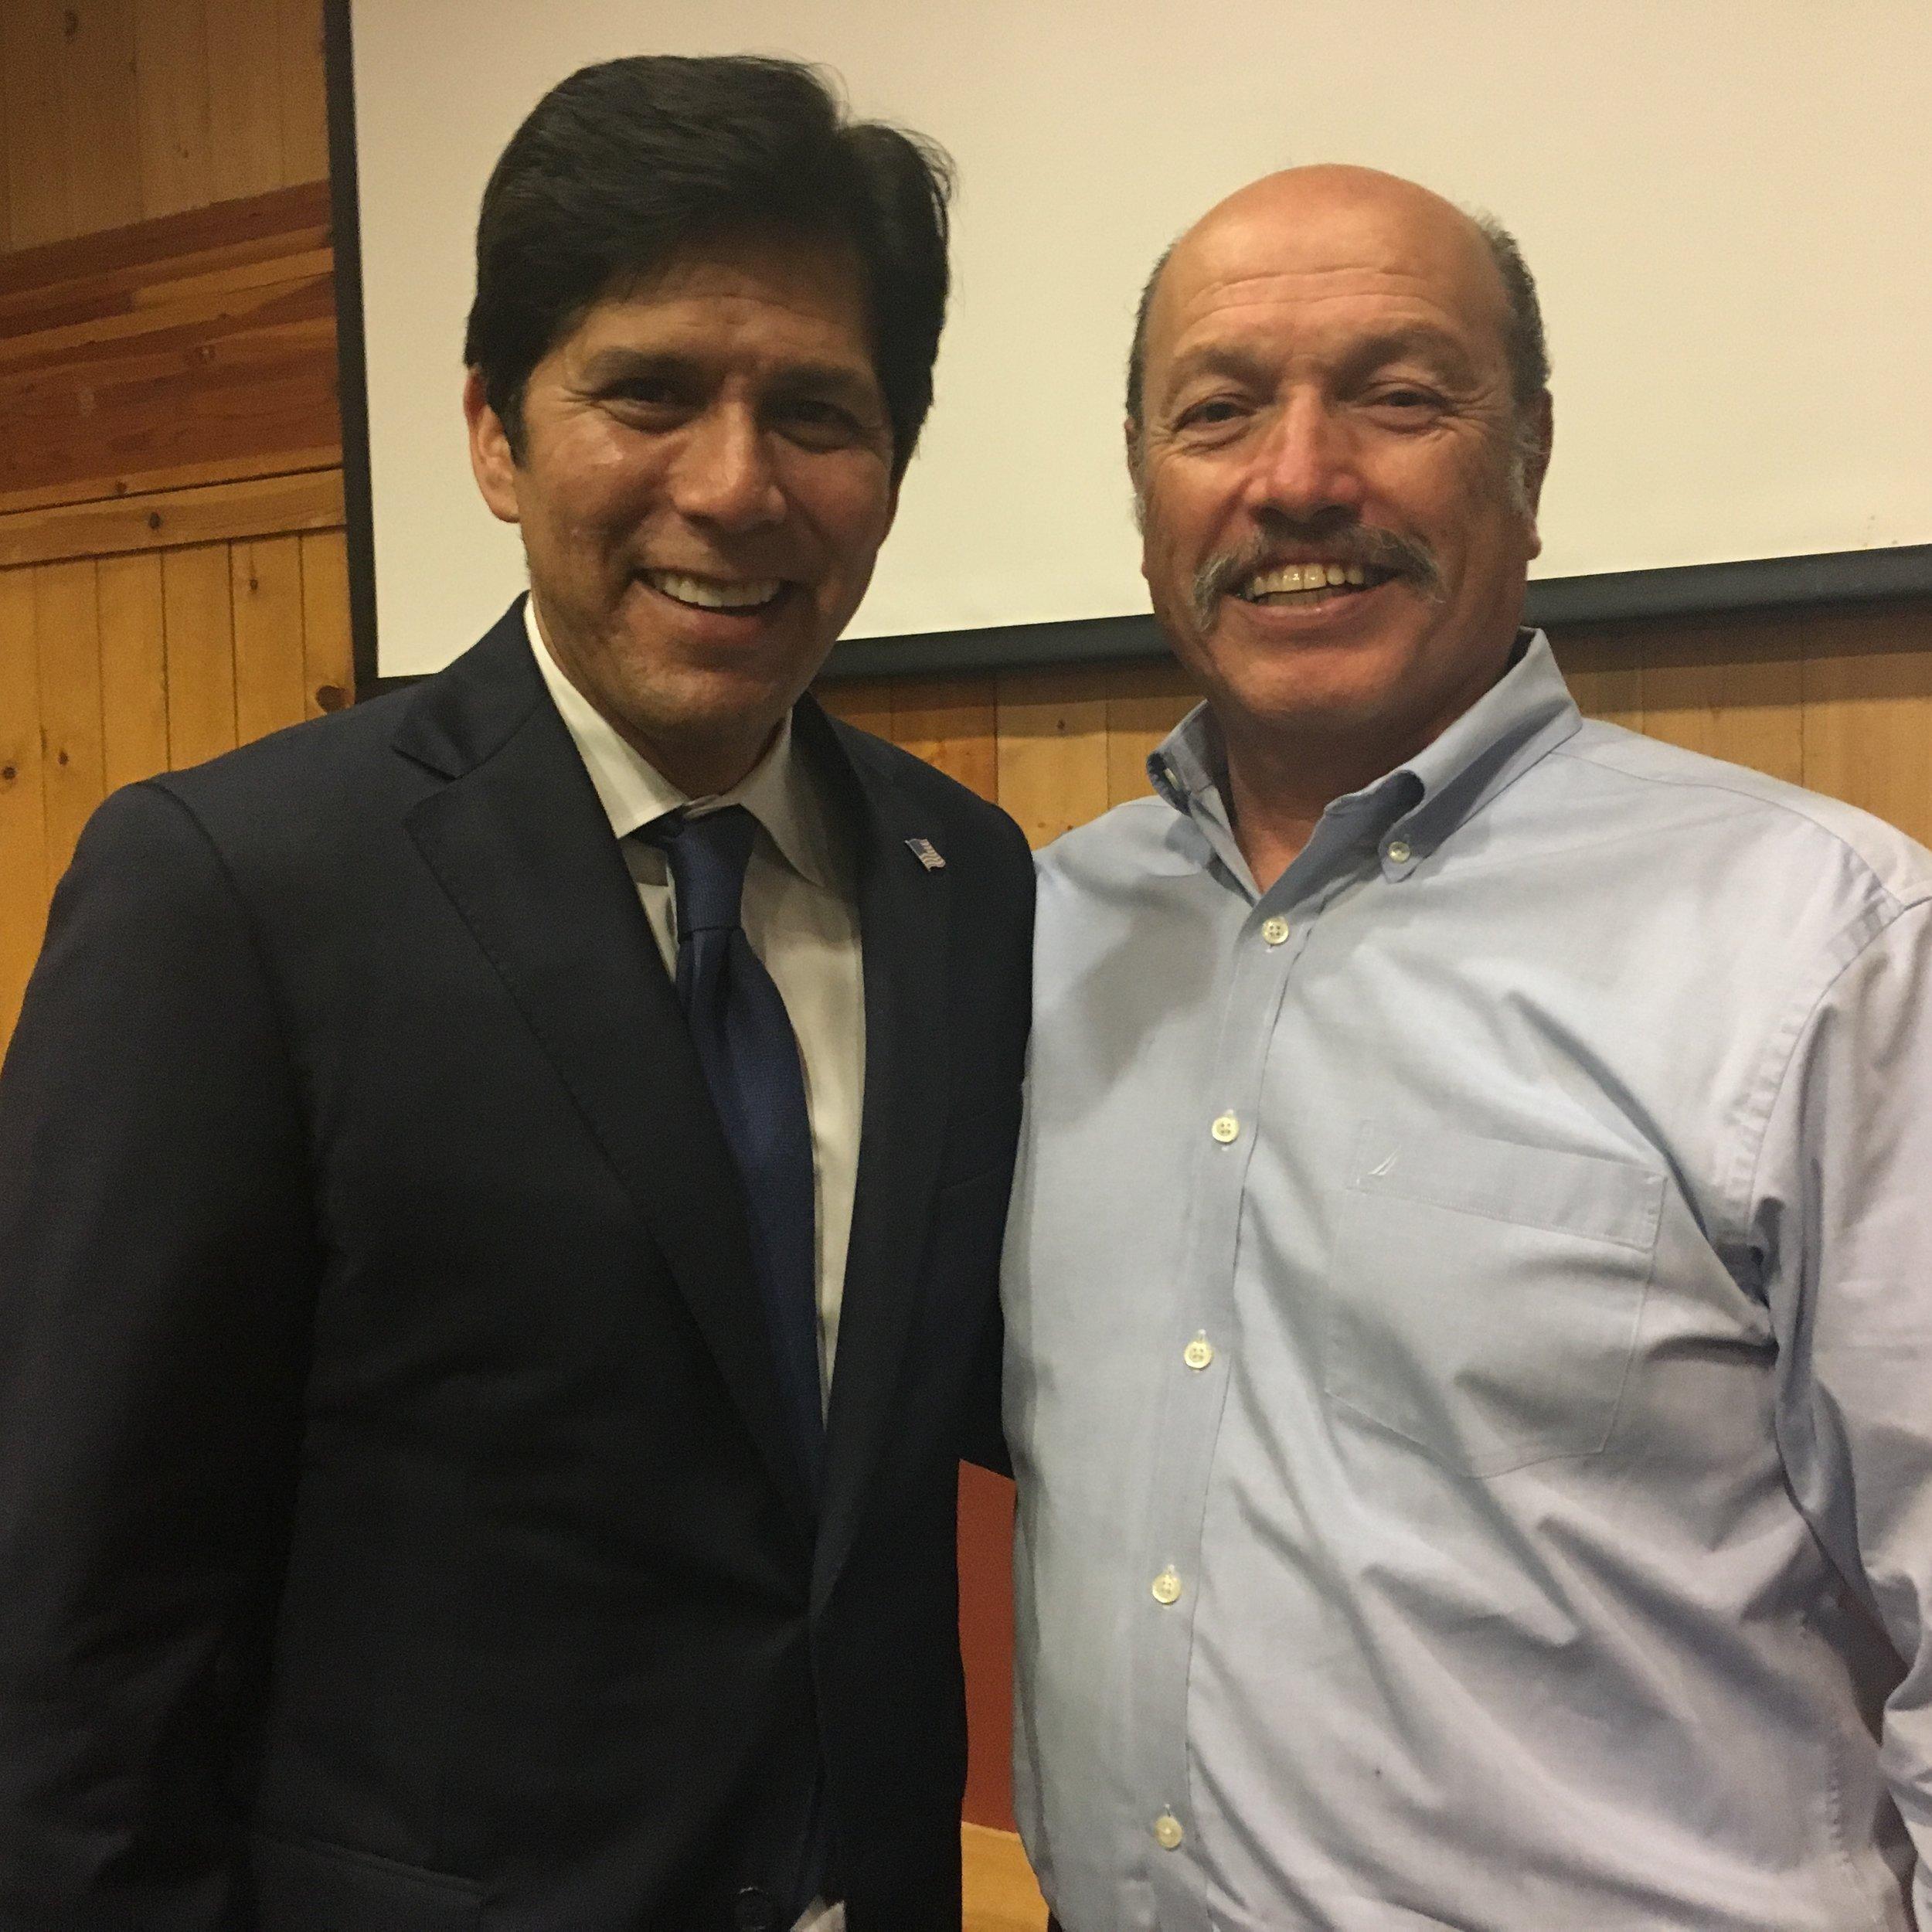 Tony with President pro Tempore of the California State Senate Kevin de Leon